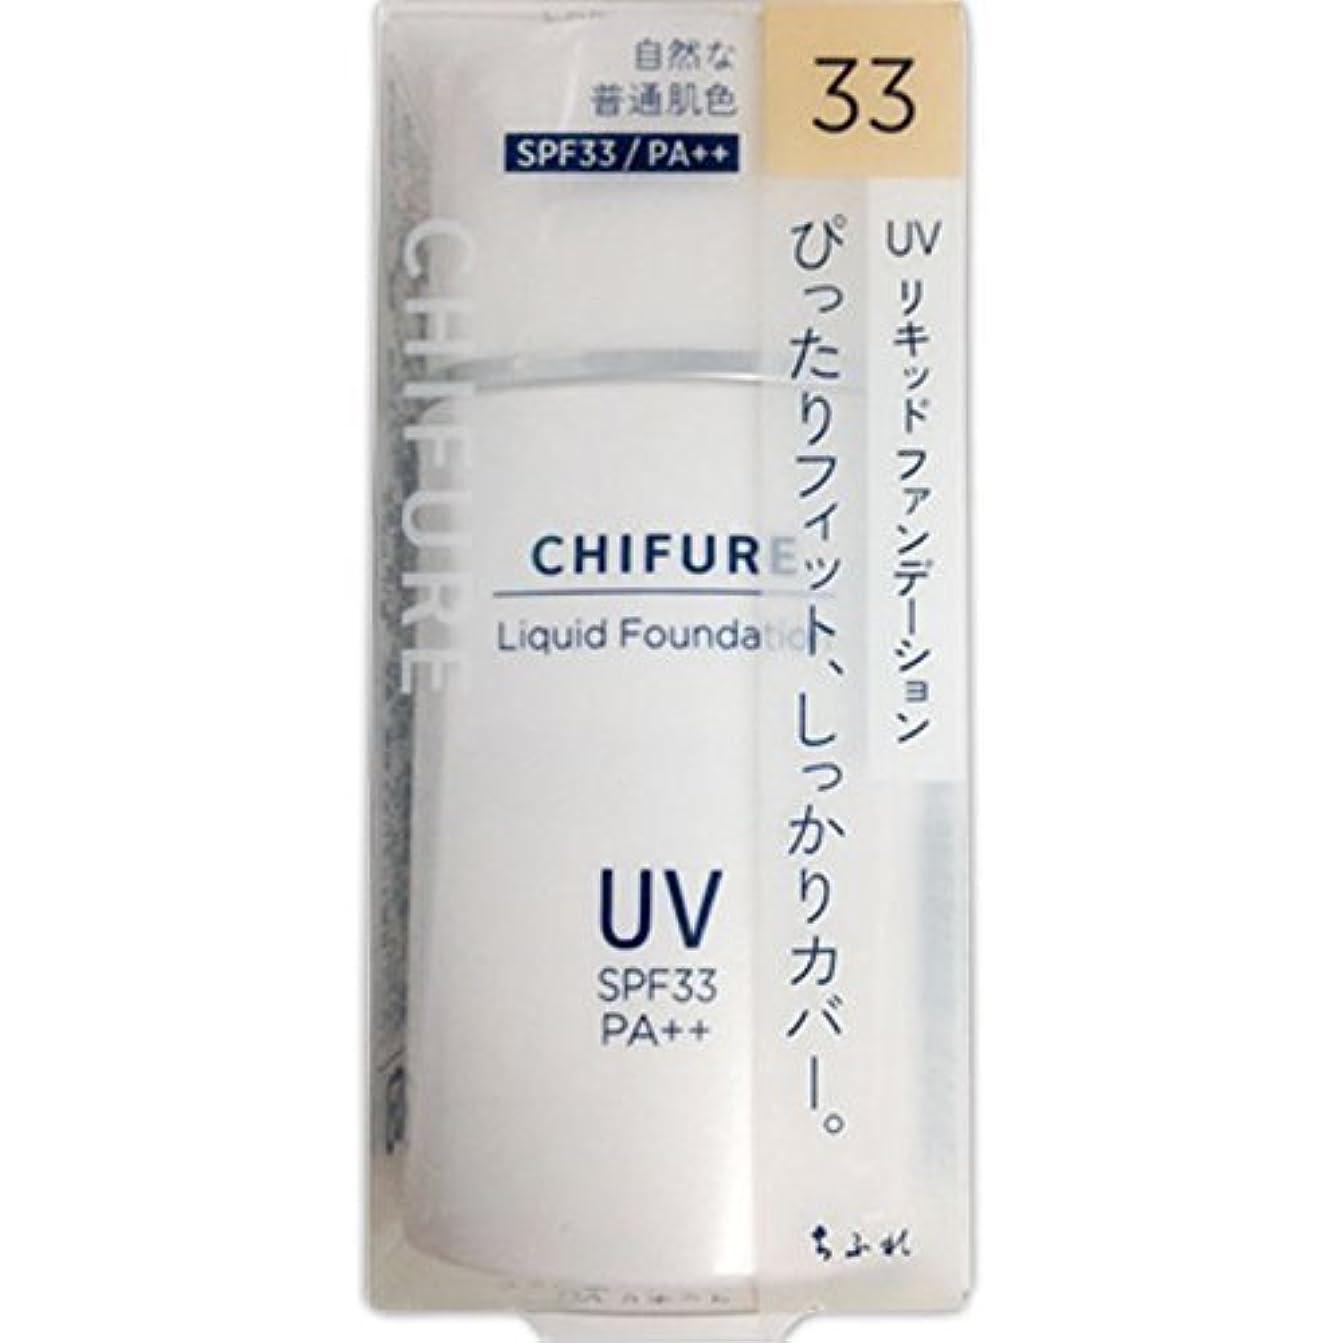 クラッチはいテーマちふれ化粧品 UV リキッド ファンデーション 33 自然な普通肌色 30ML